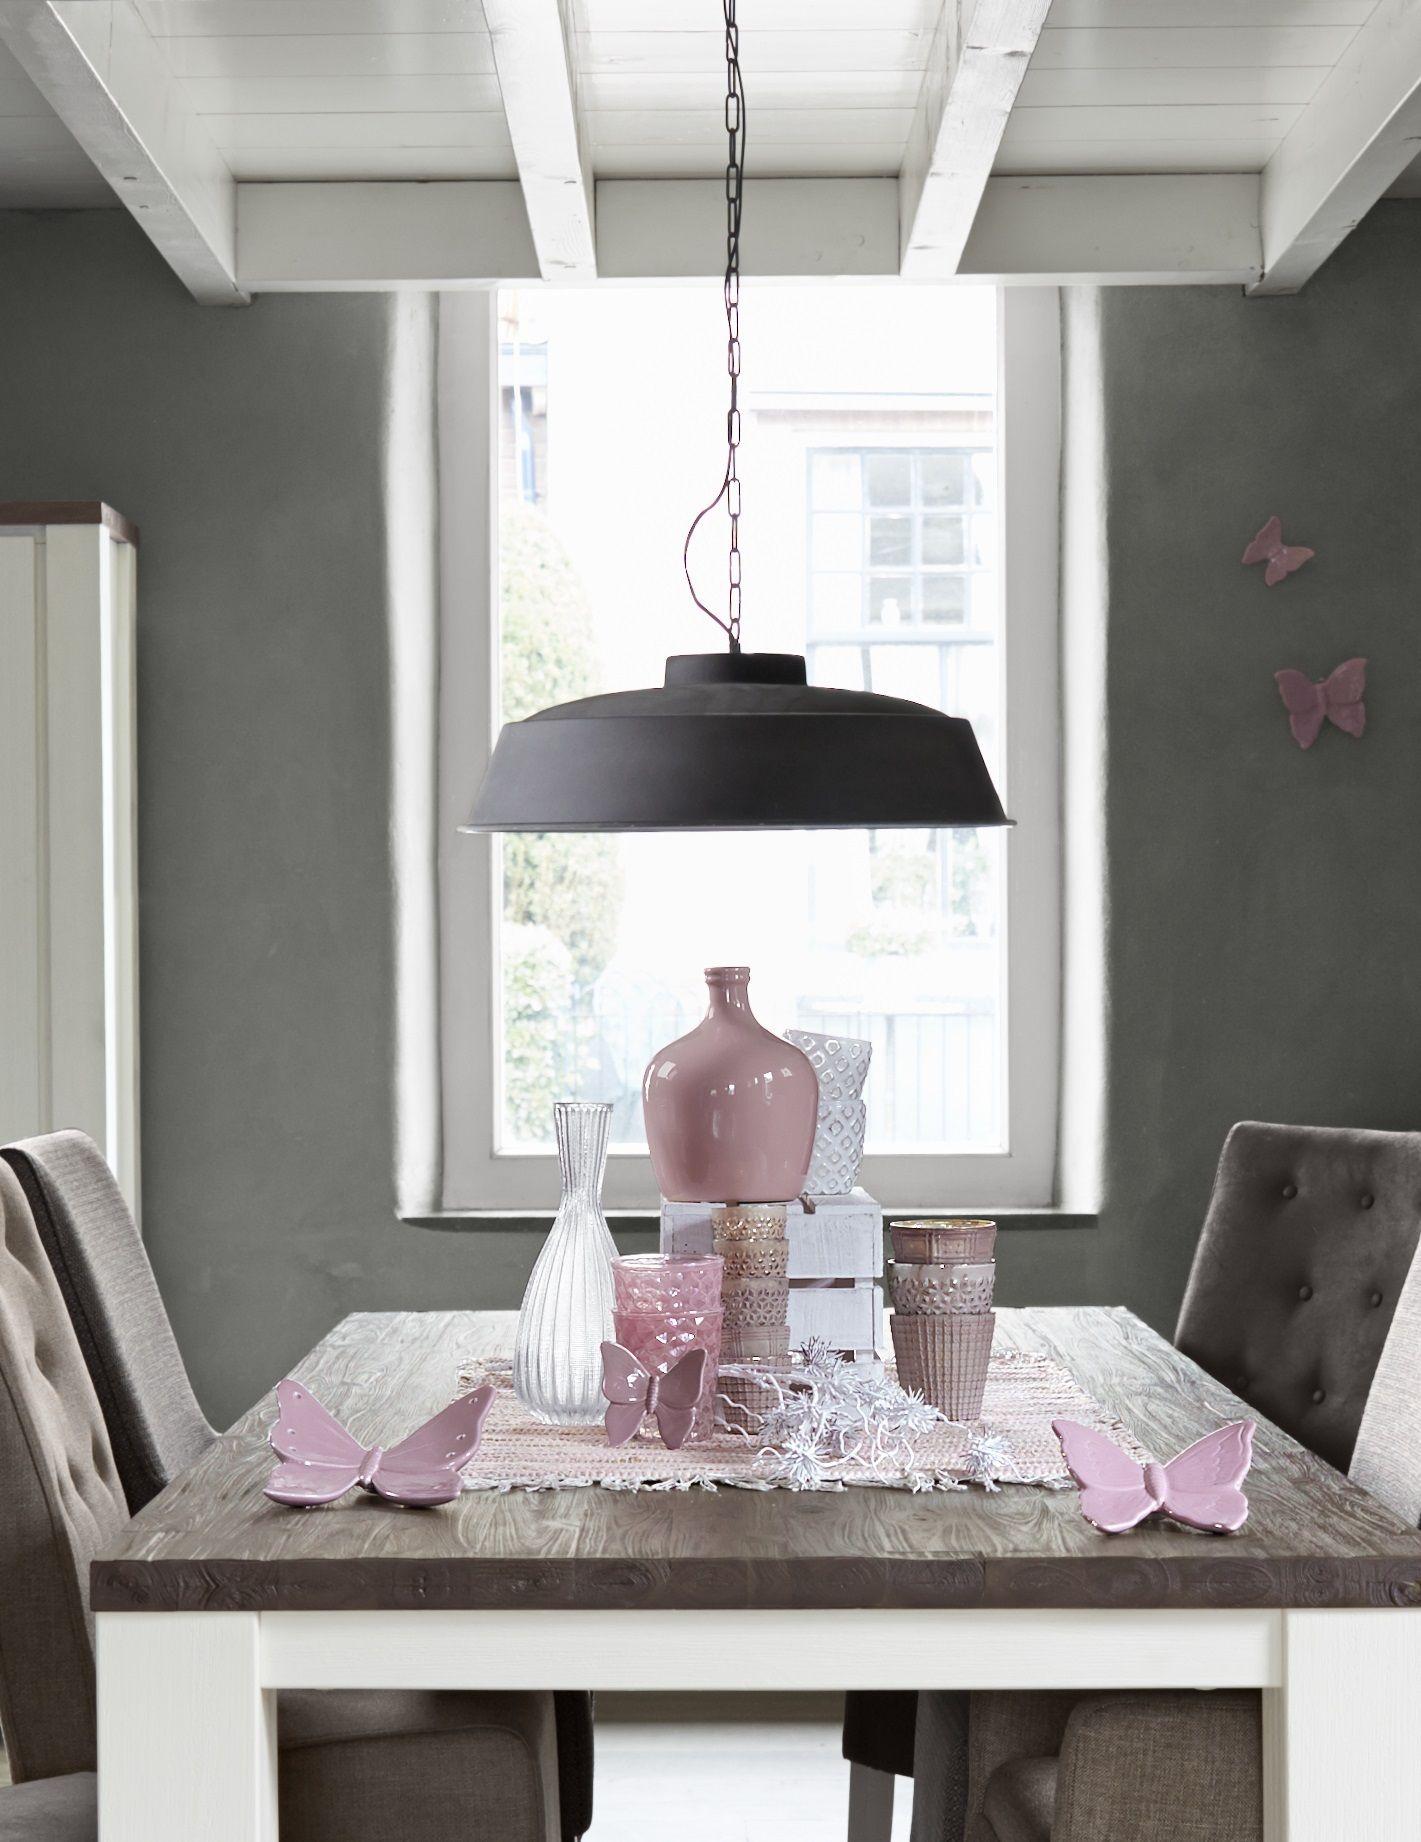 prontowonen #droomwoonkamer | Mijn Pronto woonkamer | Pinterest